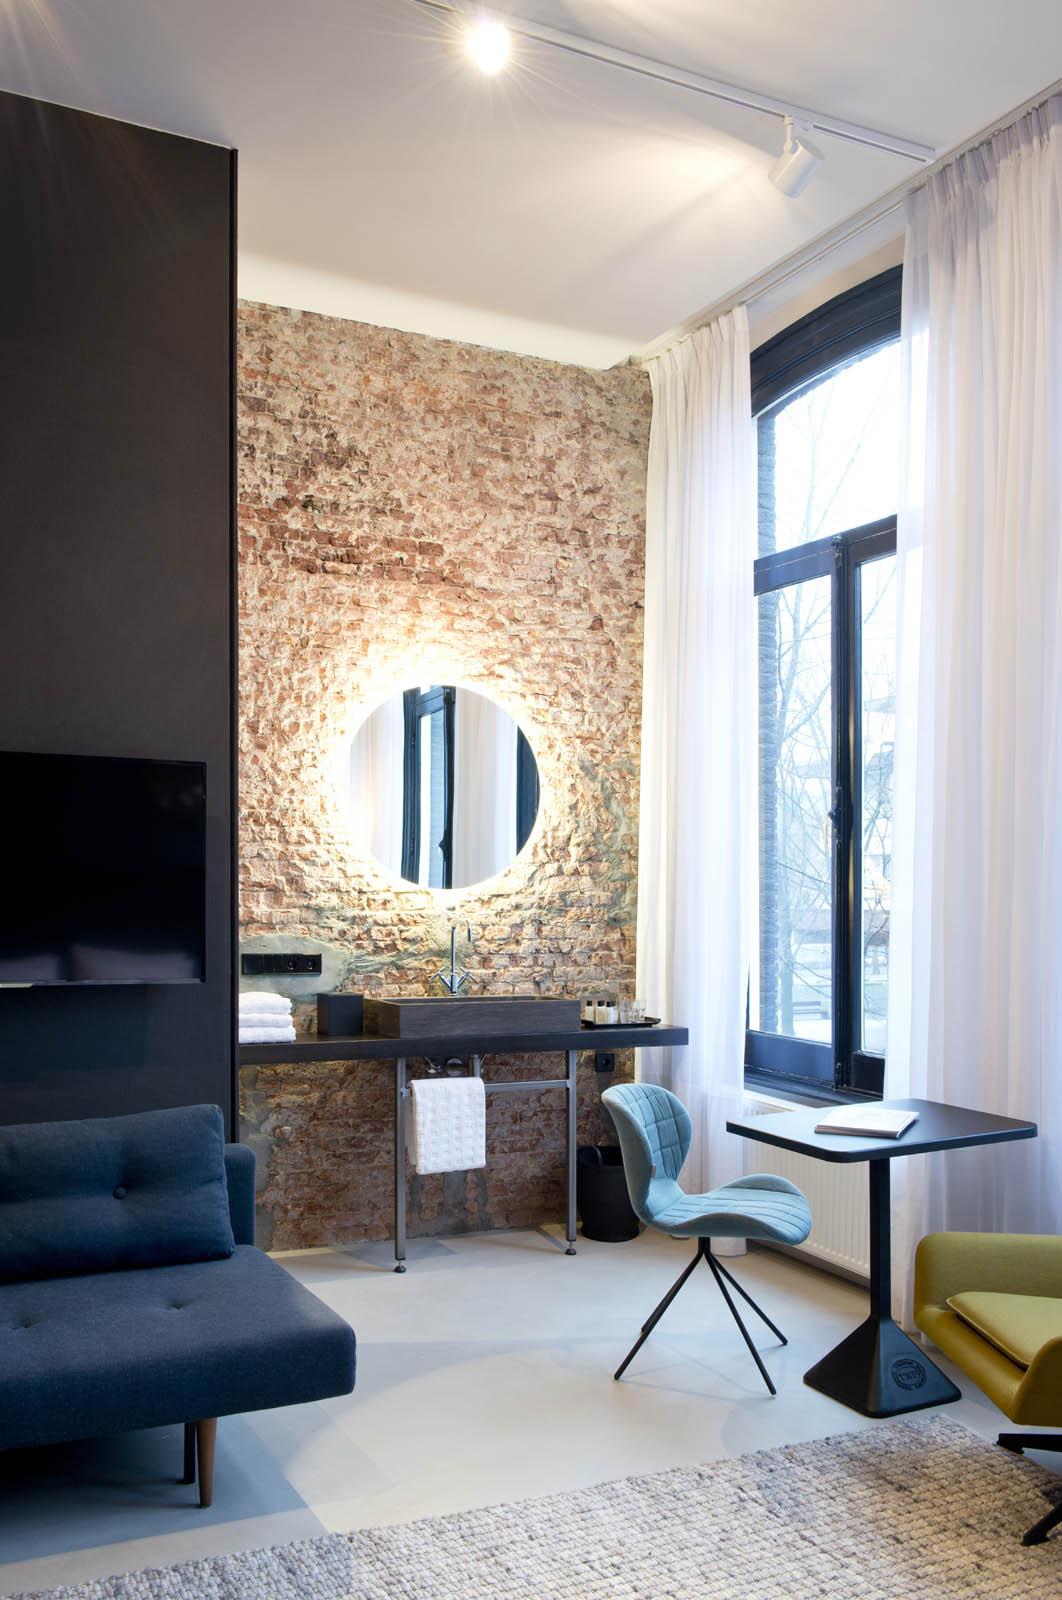 Guest bed, Piet hein hotel, by Jeroen de Nijs